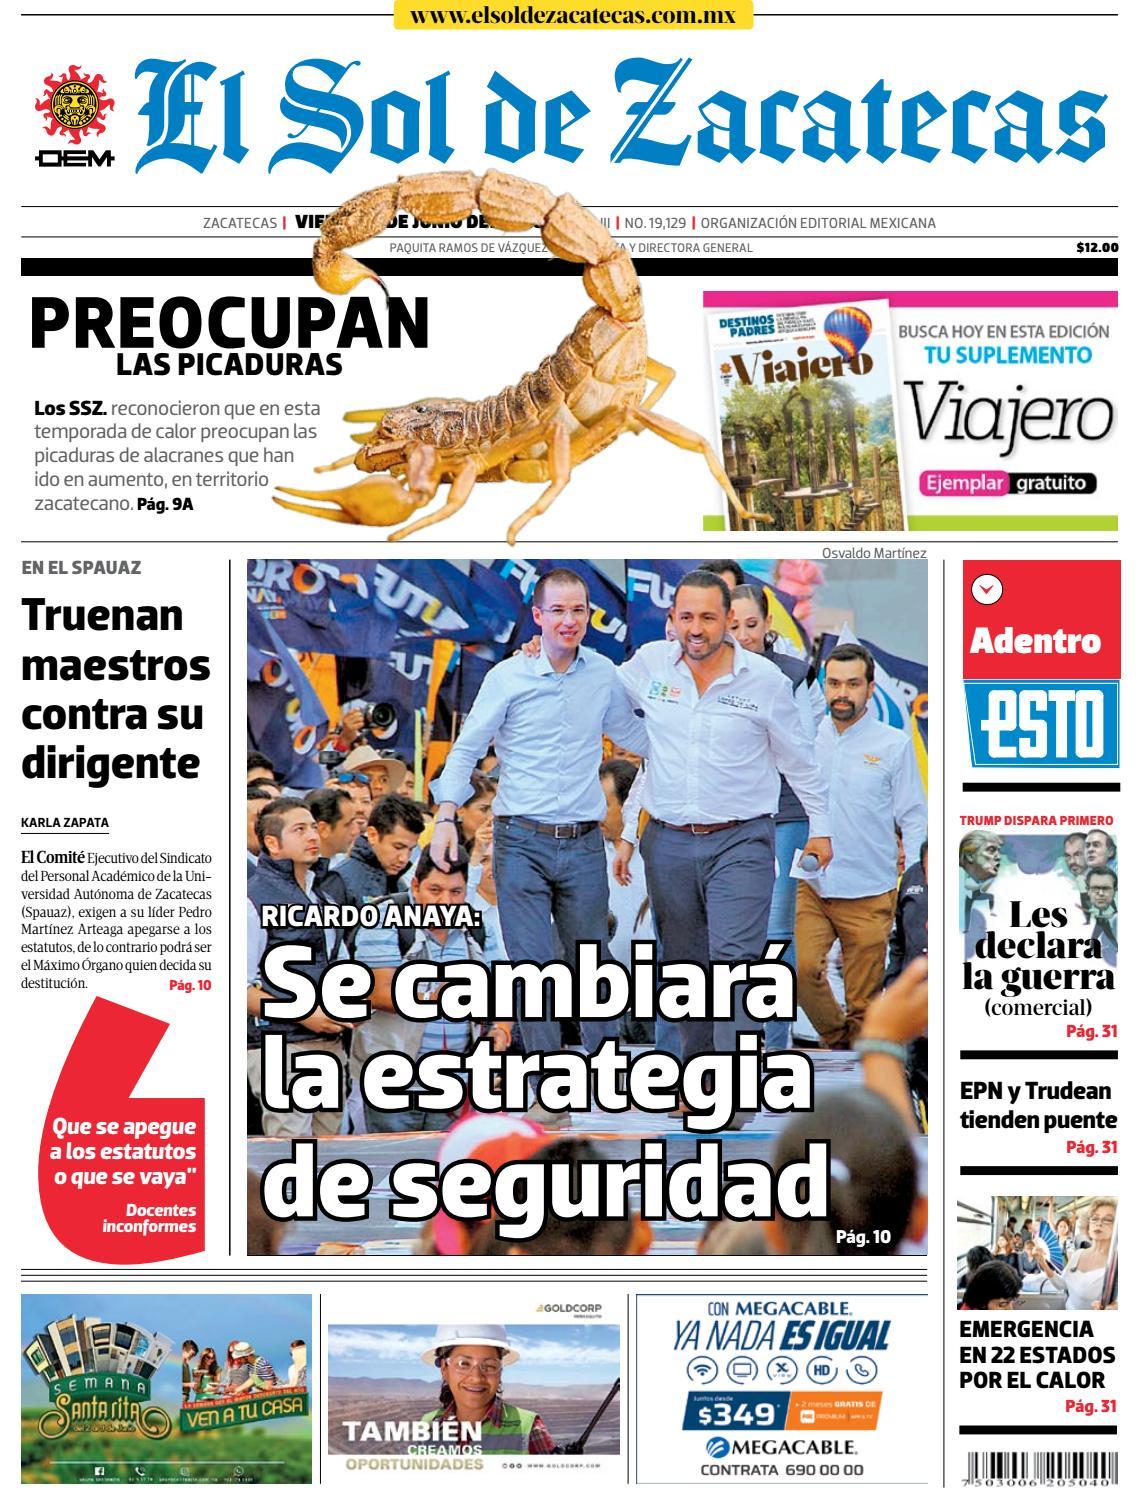 El Sol de Zacatecas 1 de junio de 2018 by El Sol de Zacatecas - issuu 4dbd4b0b6f80e